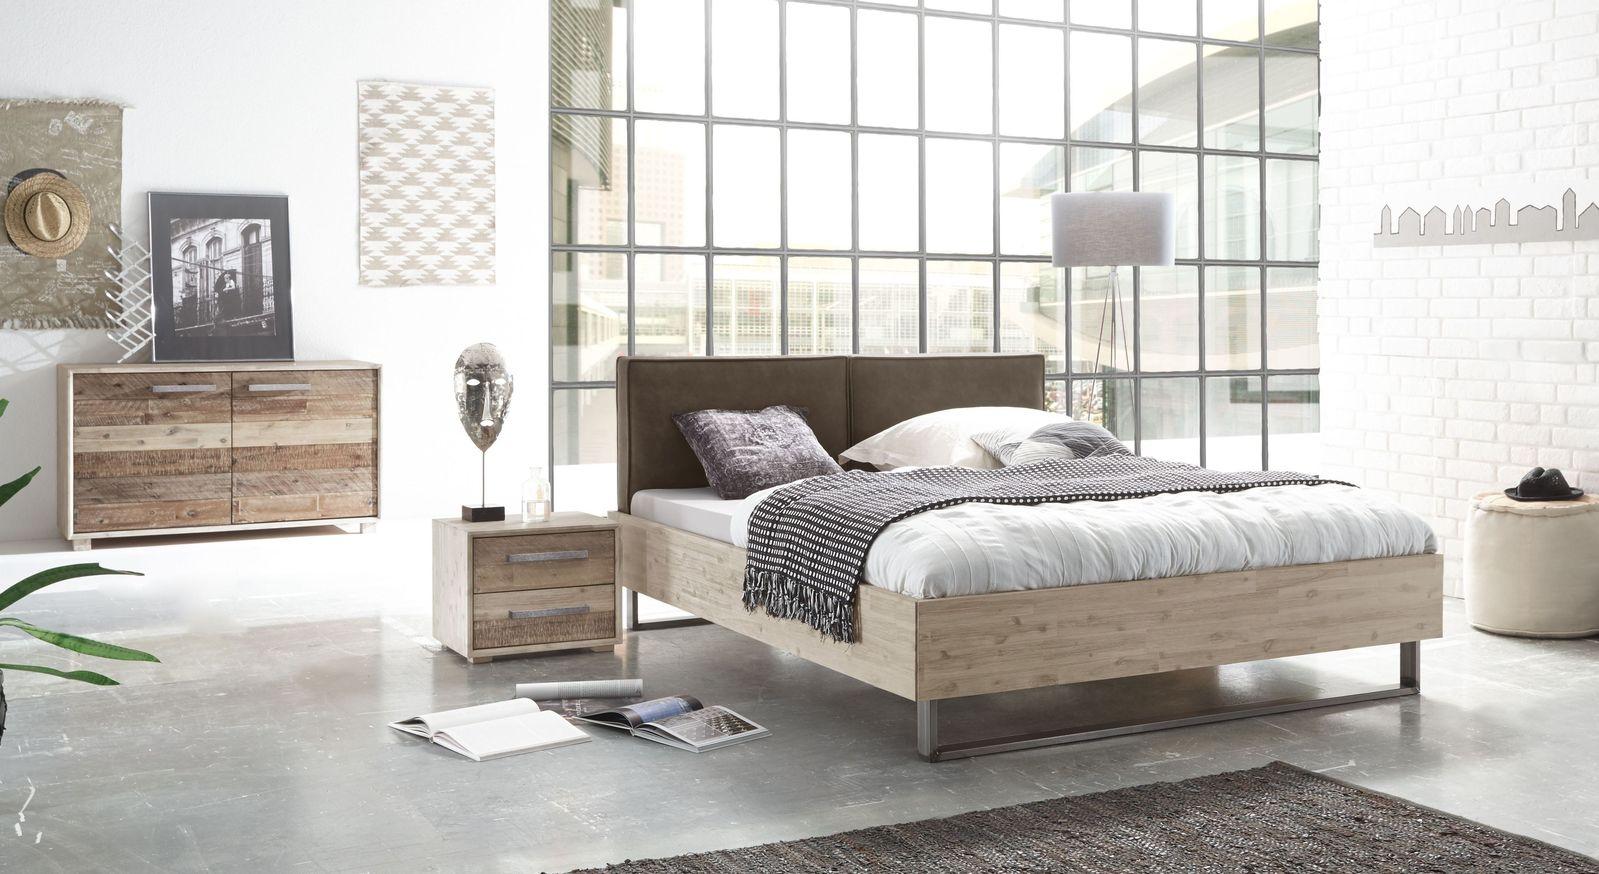 Bett Tampere mit passenden Akazie-Schlafzimmermöbeln